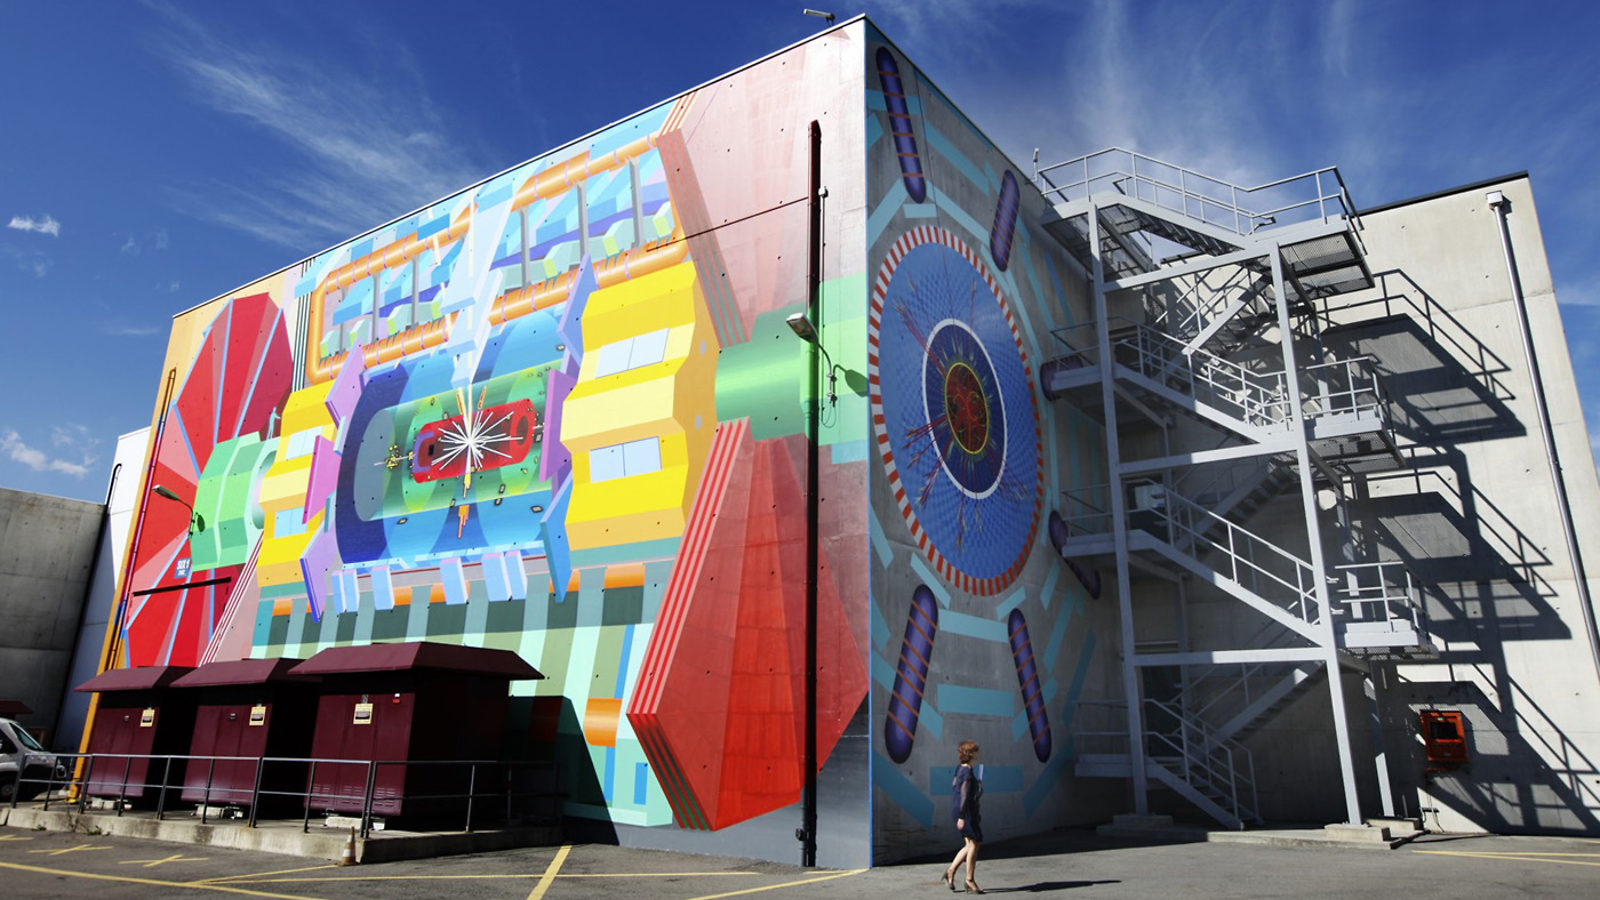 Photo: ATLAS mural